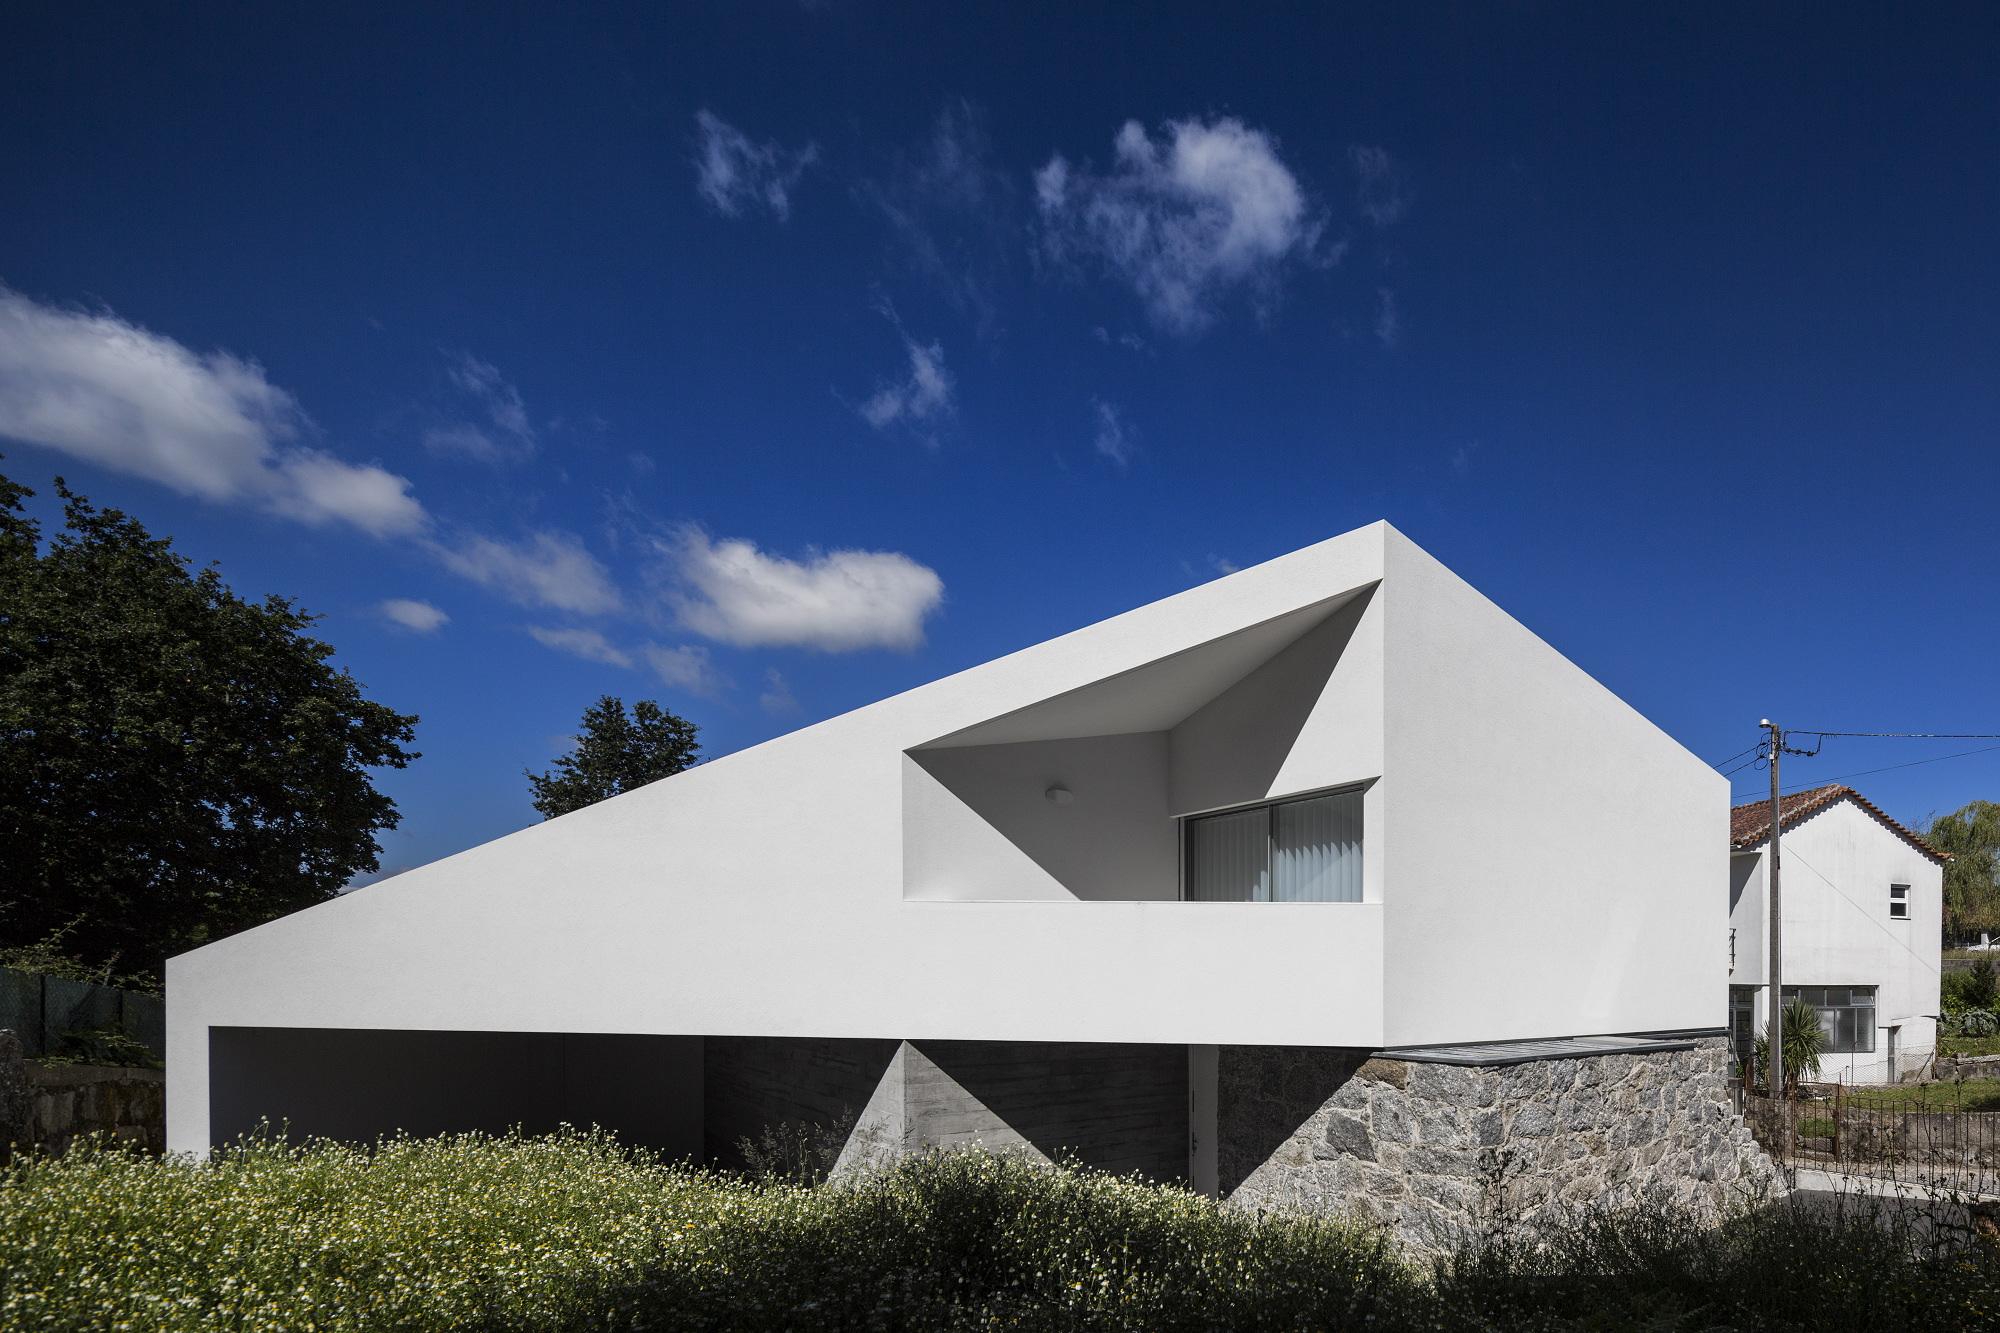 Casas de sonho mans o de arquitetura moderna com for Casas modernas idealista